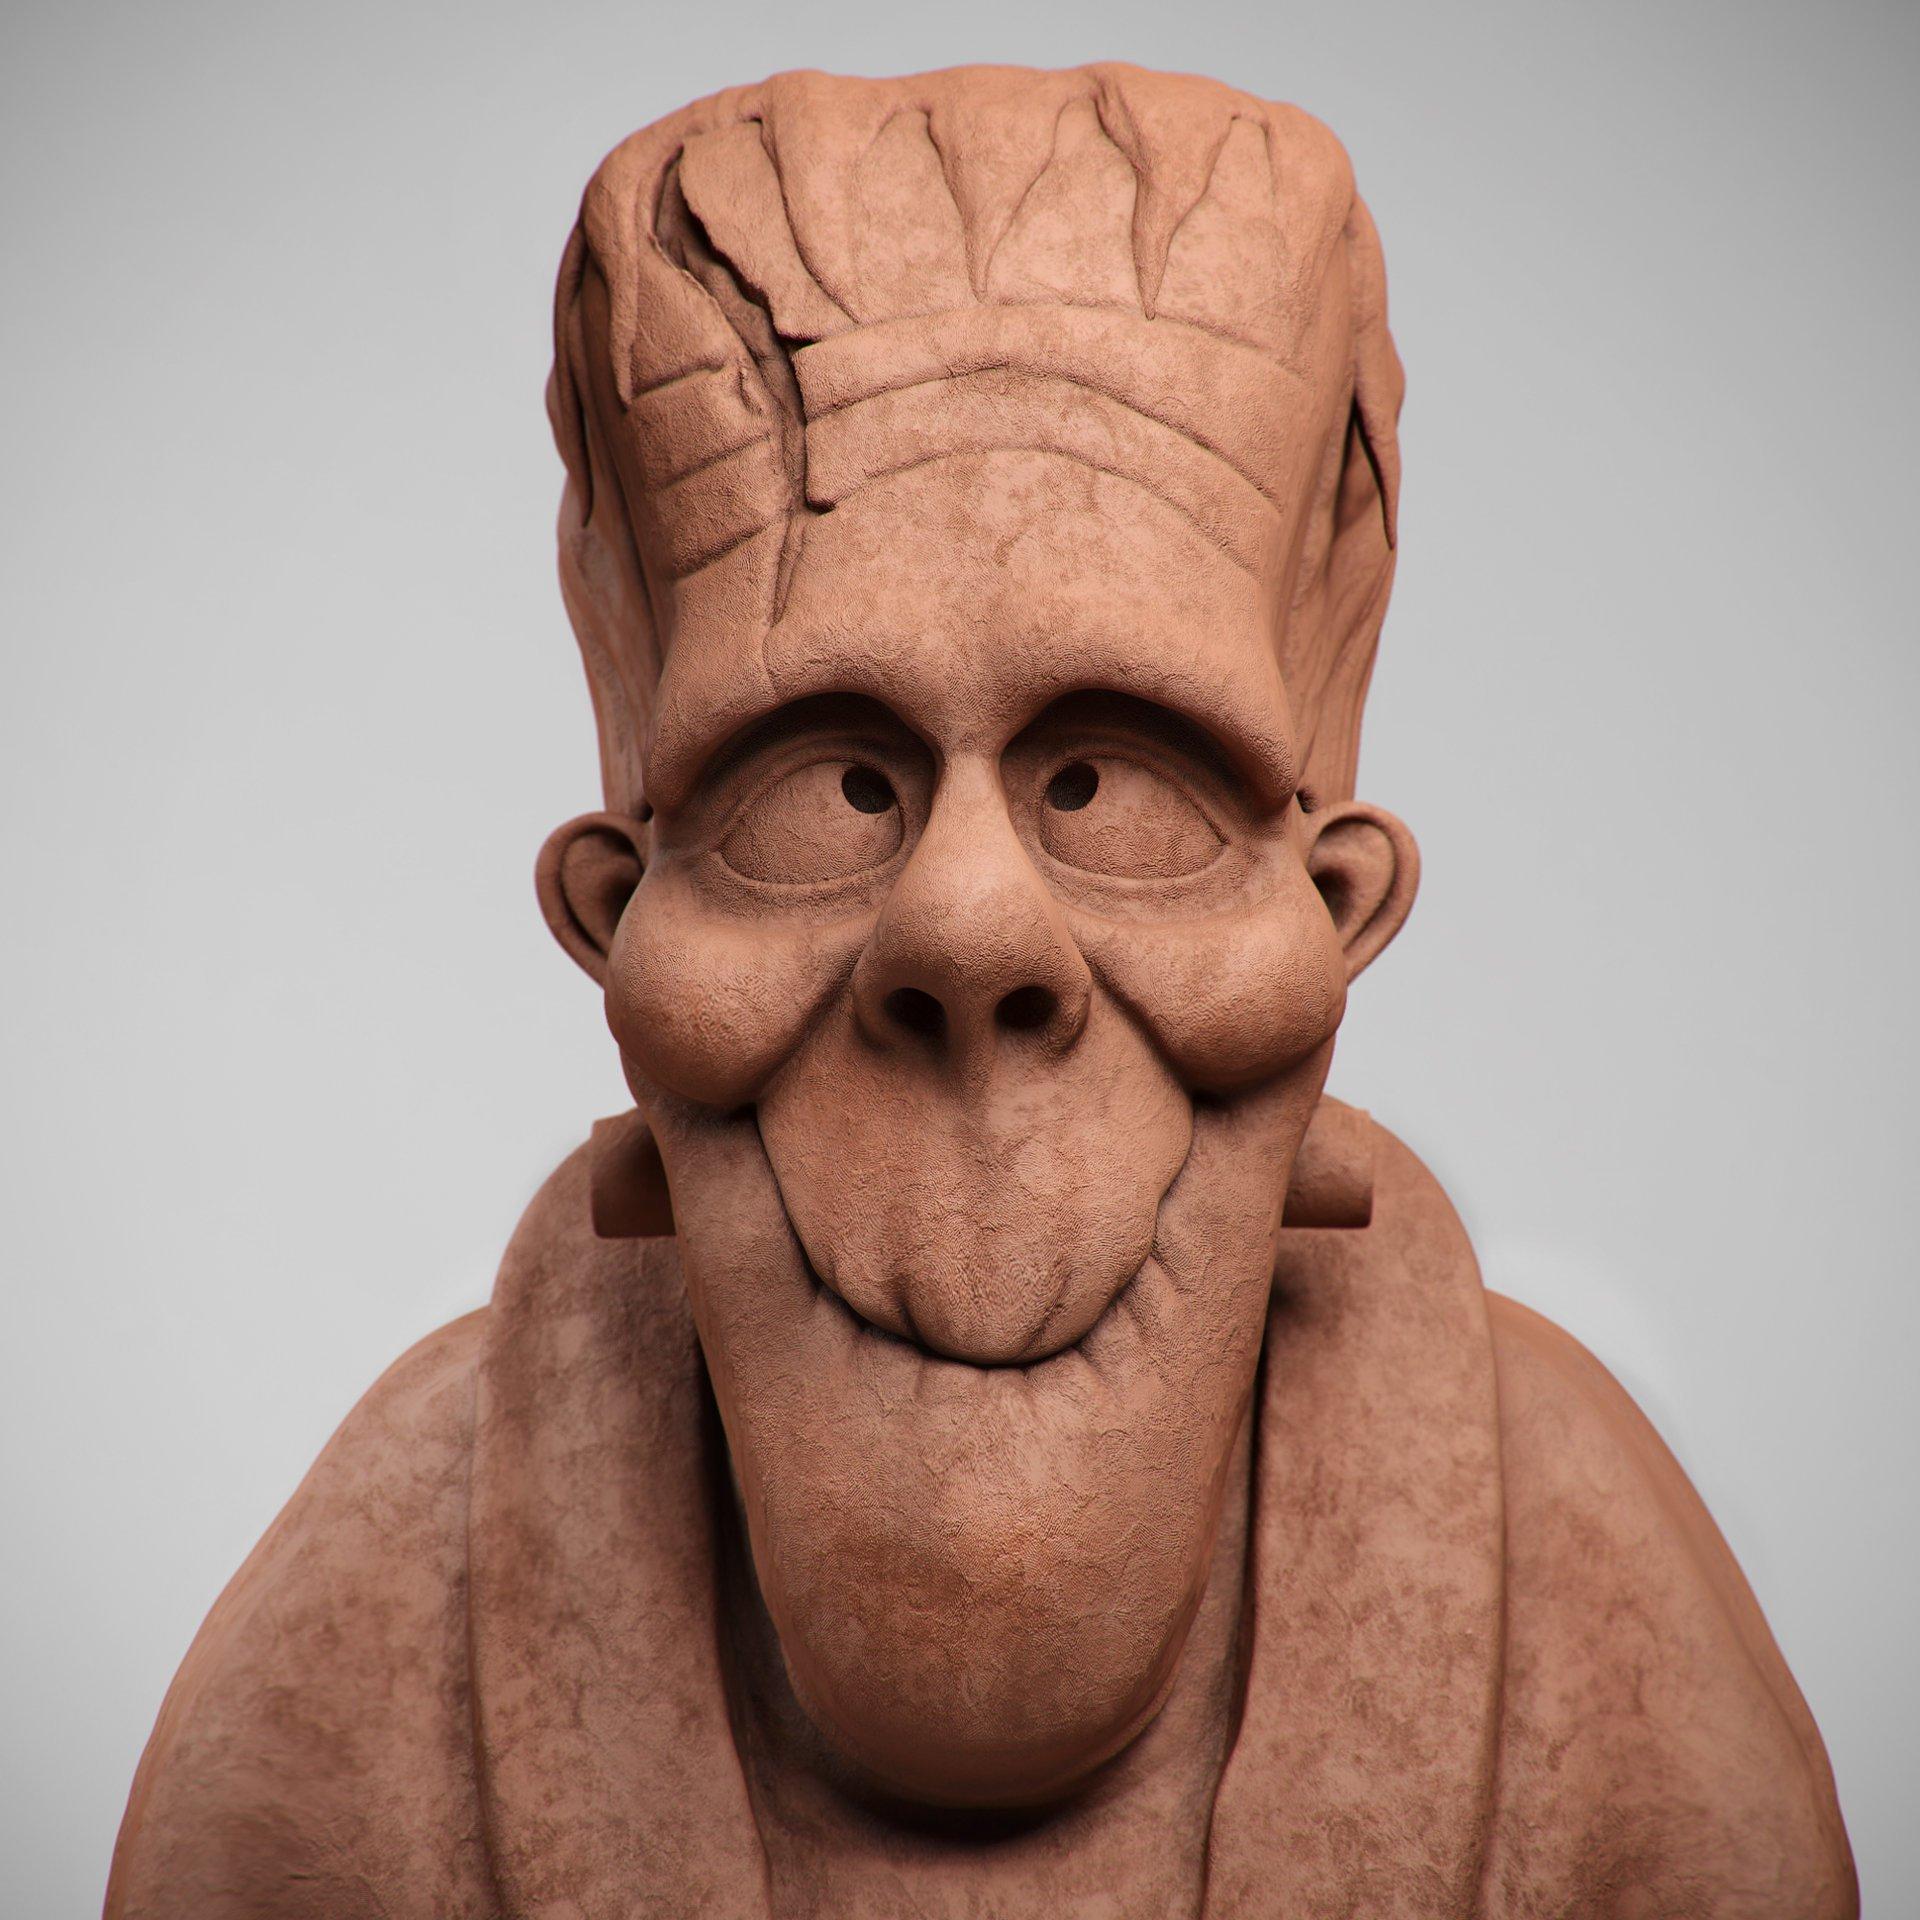 Veja os desenhos incríveis em 3D do artista brasileiro Guzz Soares